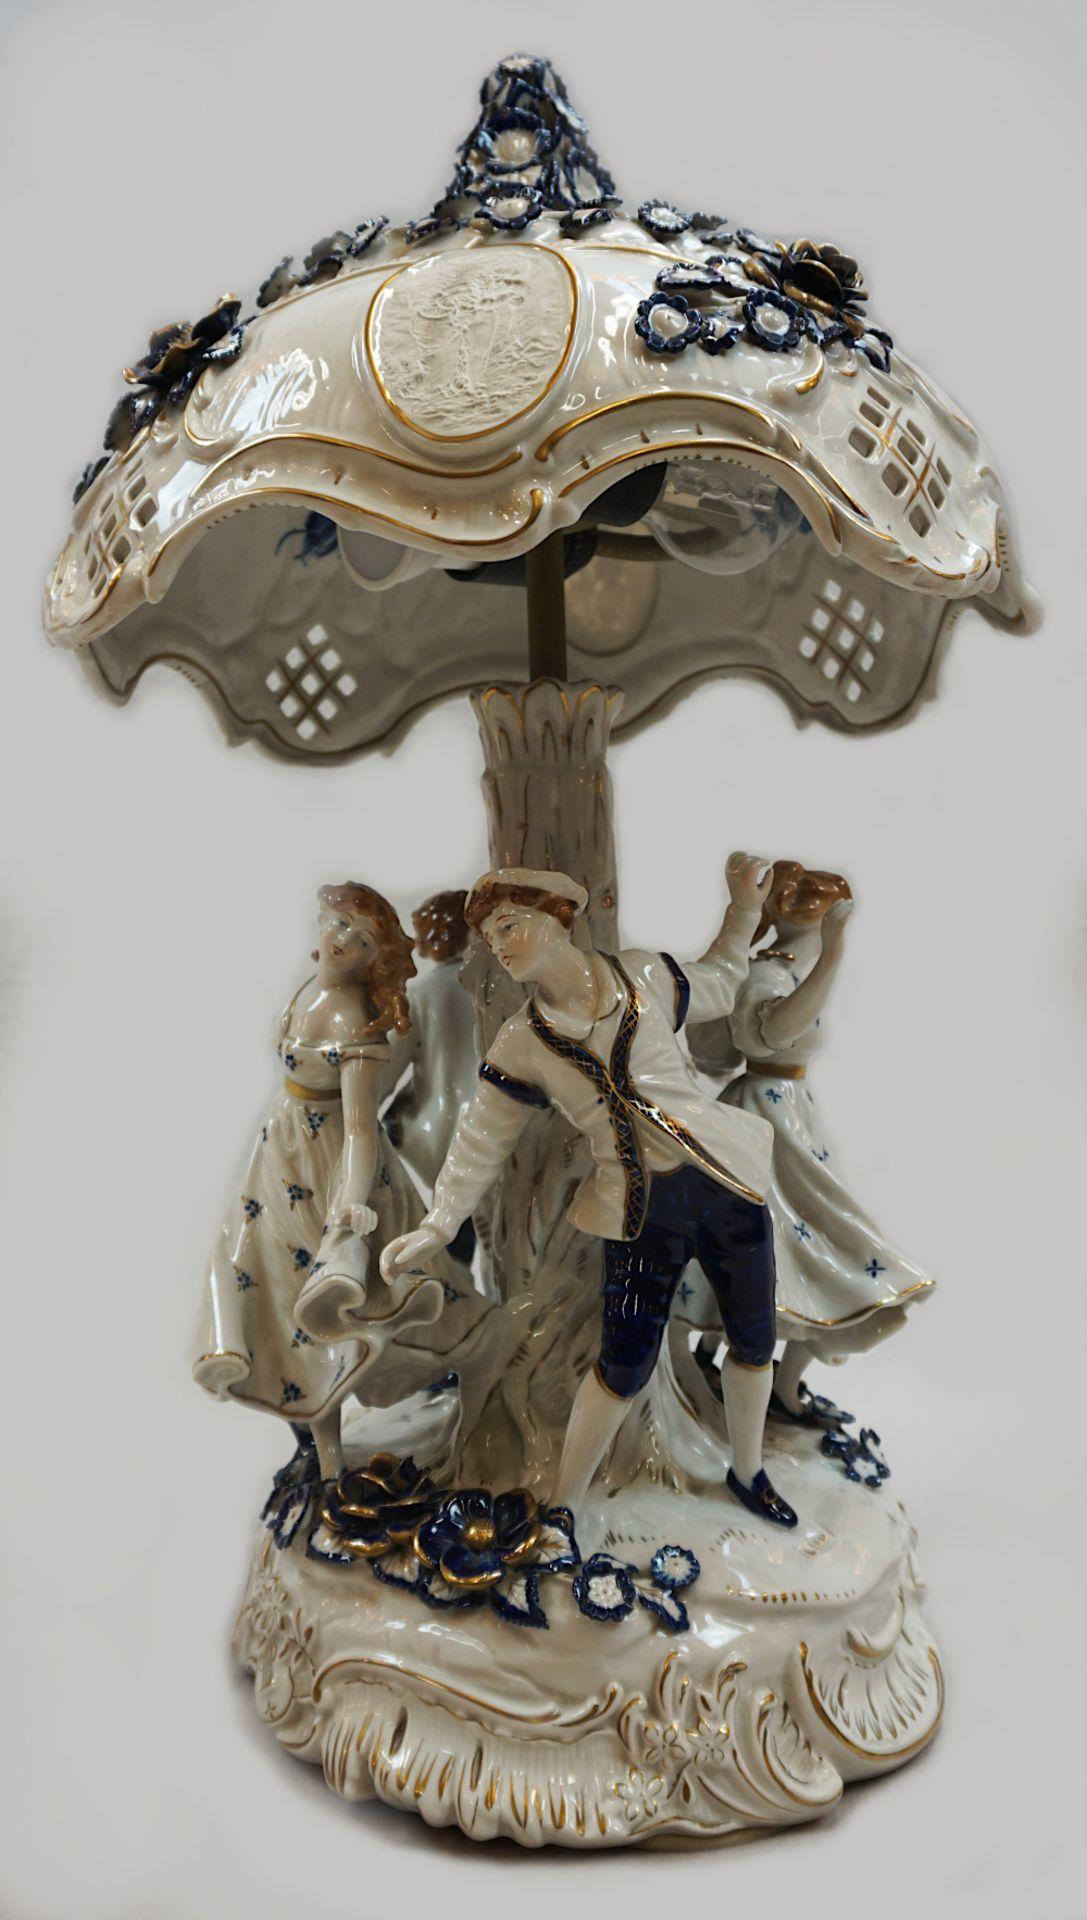 1 Tischlampe / Lithophanie-Leuchte Porzellan PLAUE, Gdr 2-flammig, elektrisch, Fuß in - Bild 3 aus 4